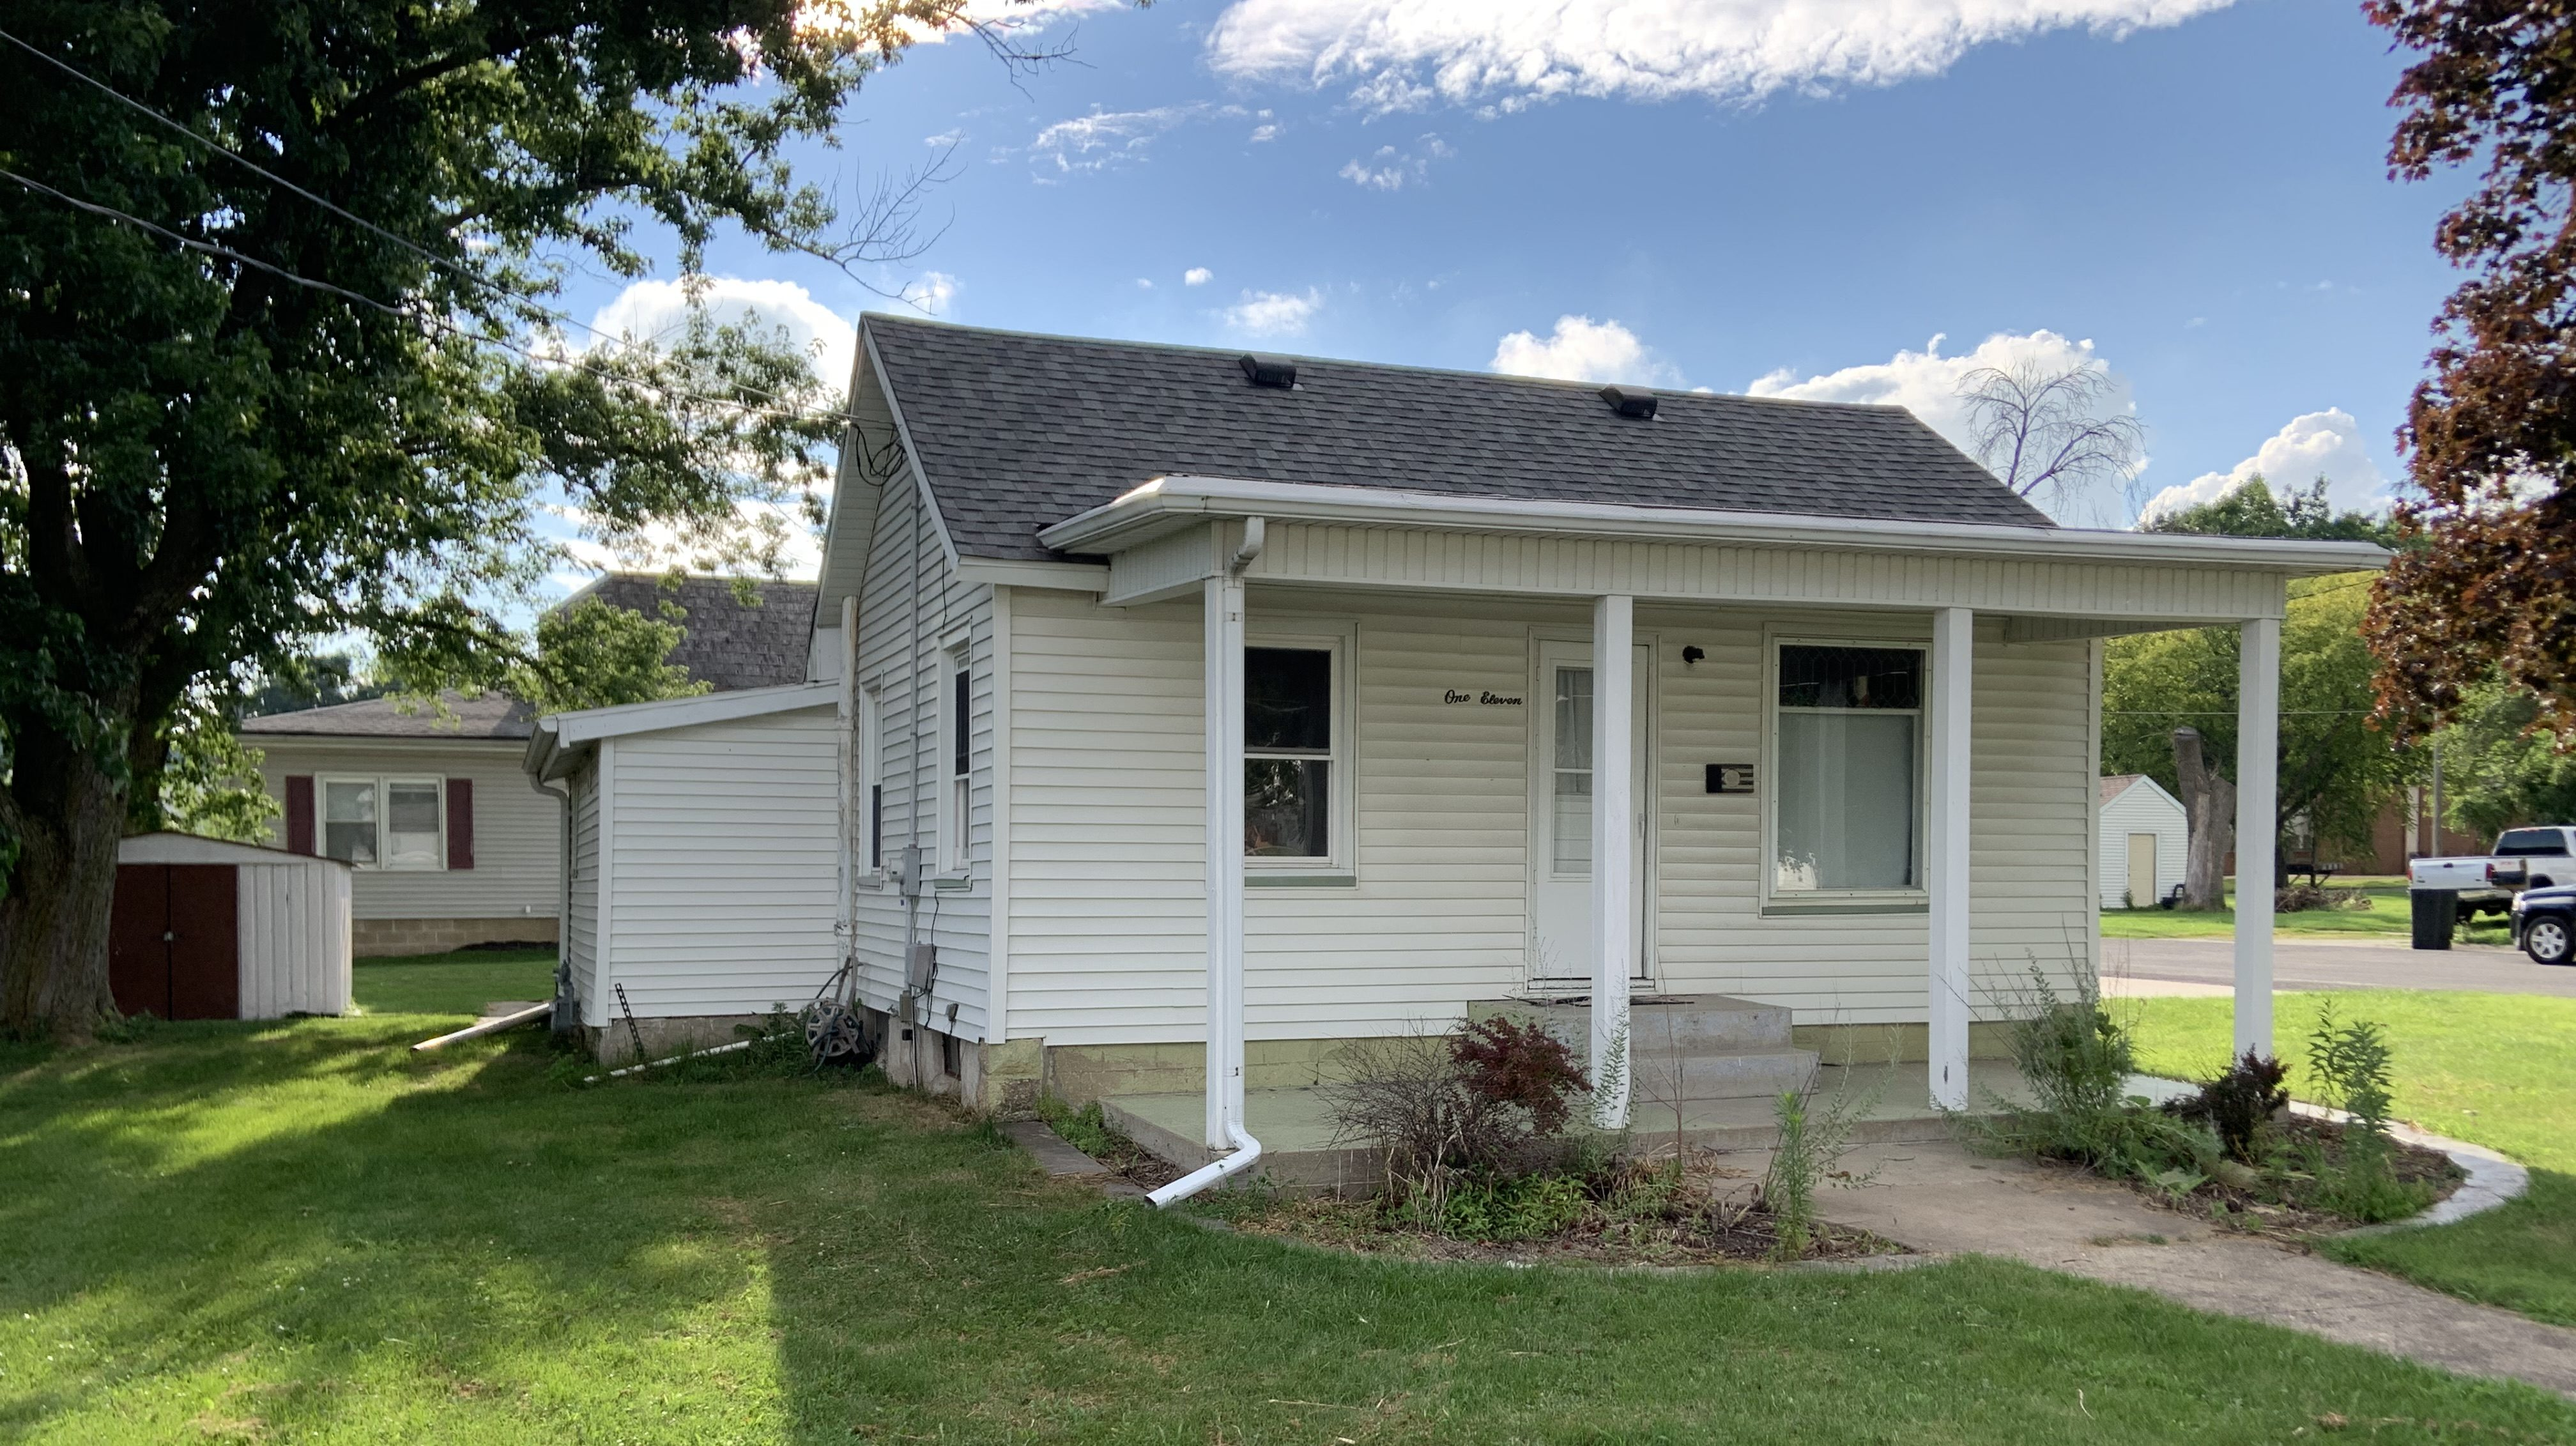 111 N Church St, Roanoke, IL 61561